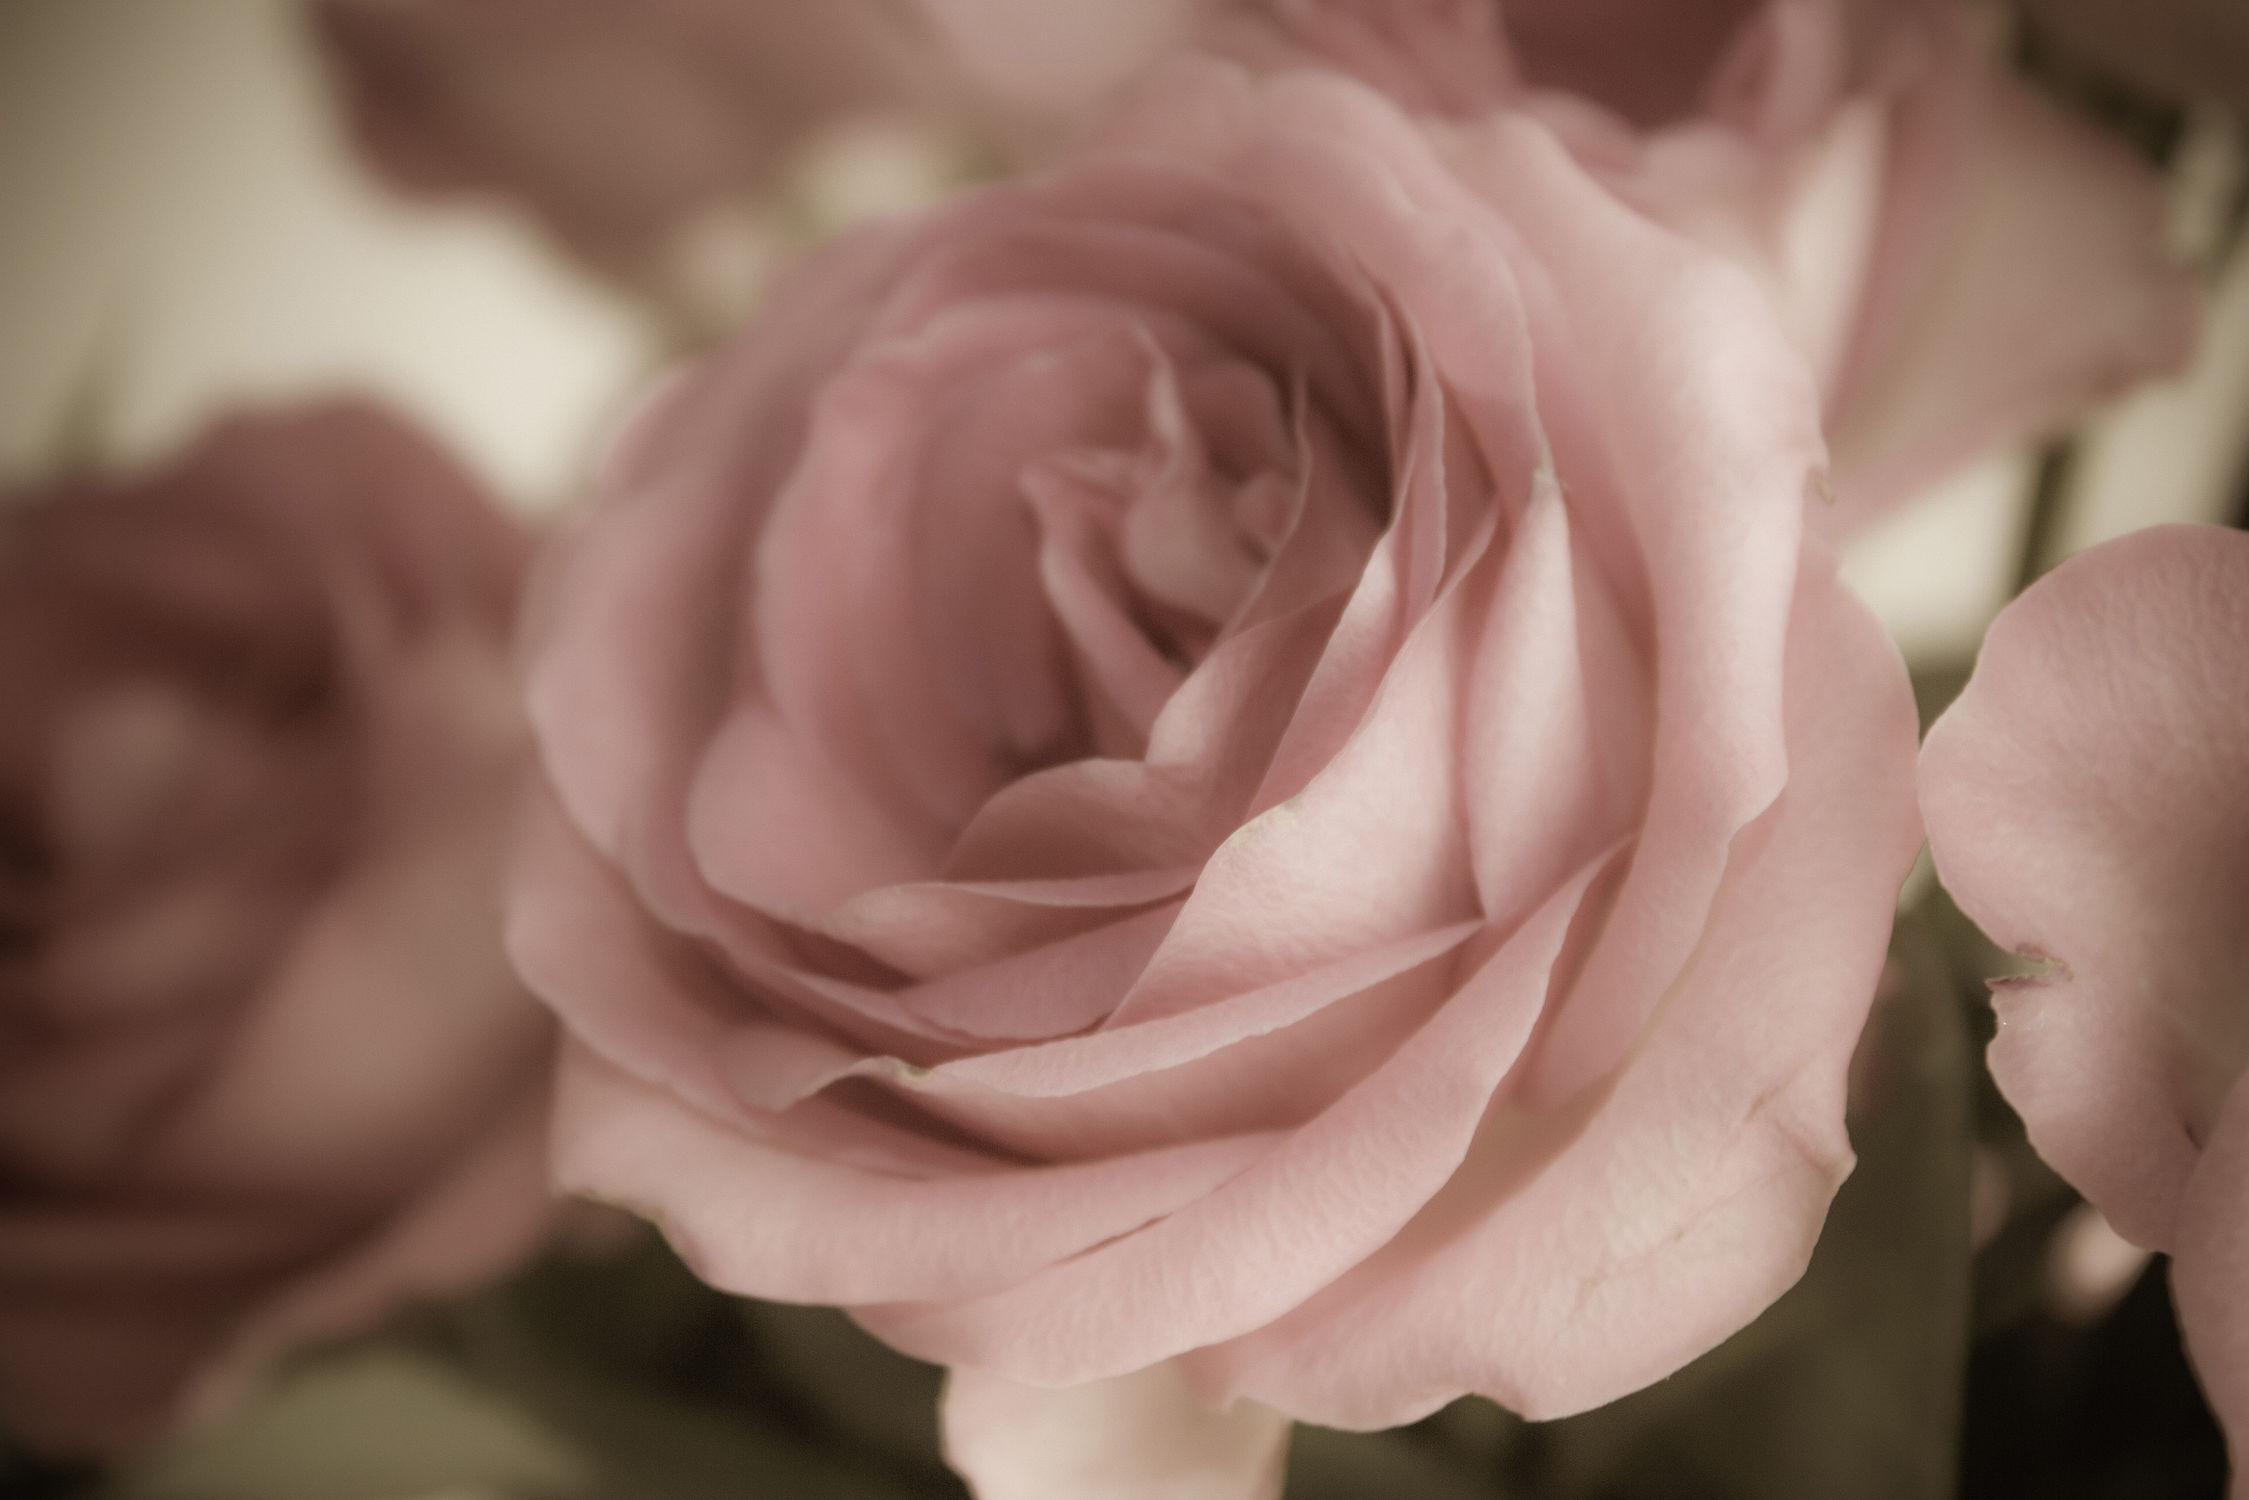 Bild mit Pflanzen, Blumen, Rosen, Sommer, Blume, Pflanze, Rose, Blüten, blüte, Hochzeit